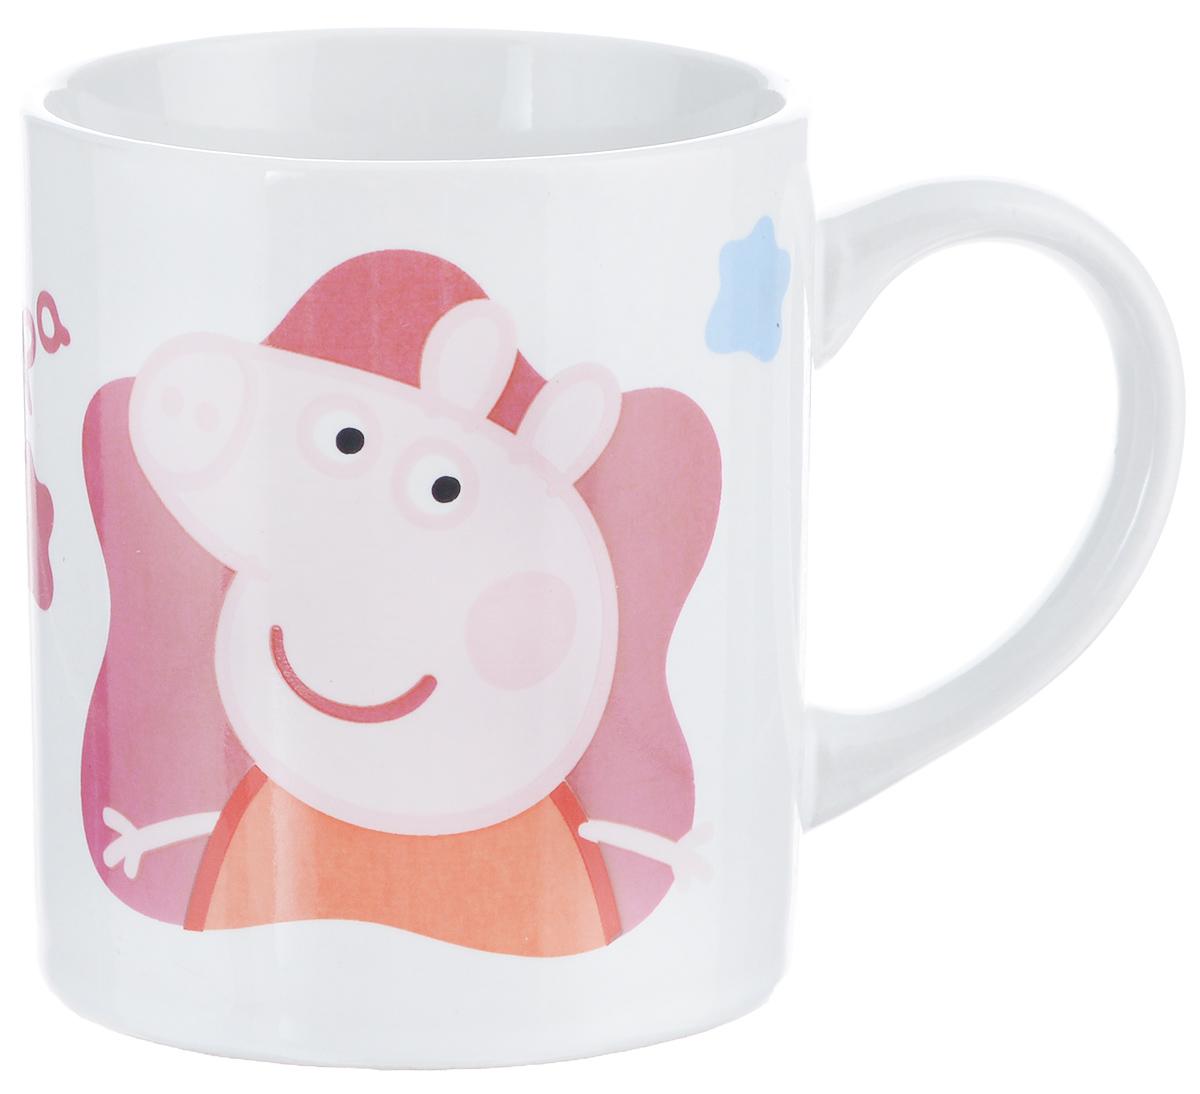 Кружка МФК-профит Peppa Pig, 210 мл115510Детская кружка Peppa Pig идеально подойдет для вашего малыша. Она выполнена из керамики белого цвета и оформлена ярким изображением героев из мультфильма Peppa Pig. Кружка дополнена удобной ручкой. Такой подарок станет не только приятным, но и практичным сувениром: кружка станет незаменимым атрибутом чаепития, а оригинальное оформление кружки добавит ярких эмоций в процессе чаепития.